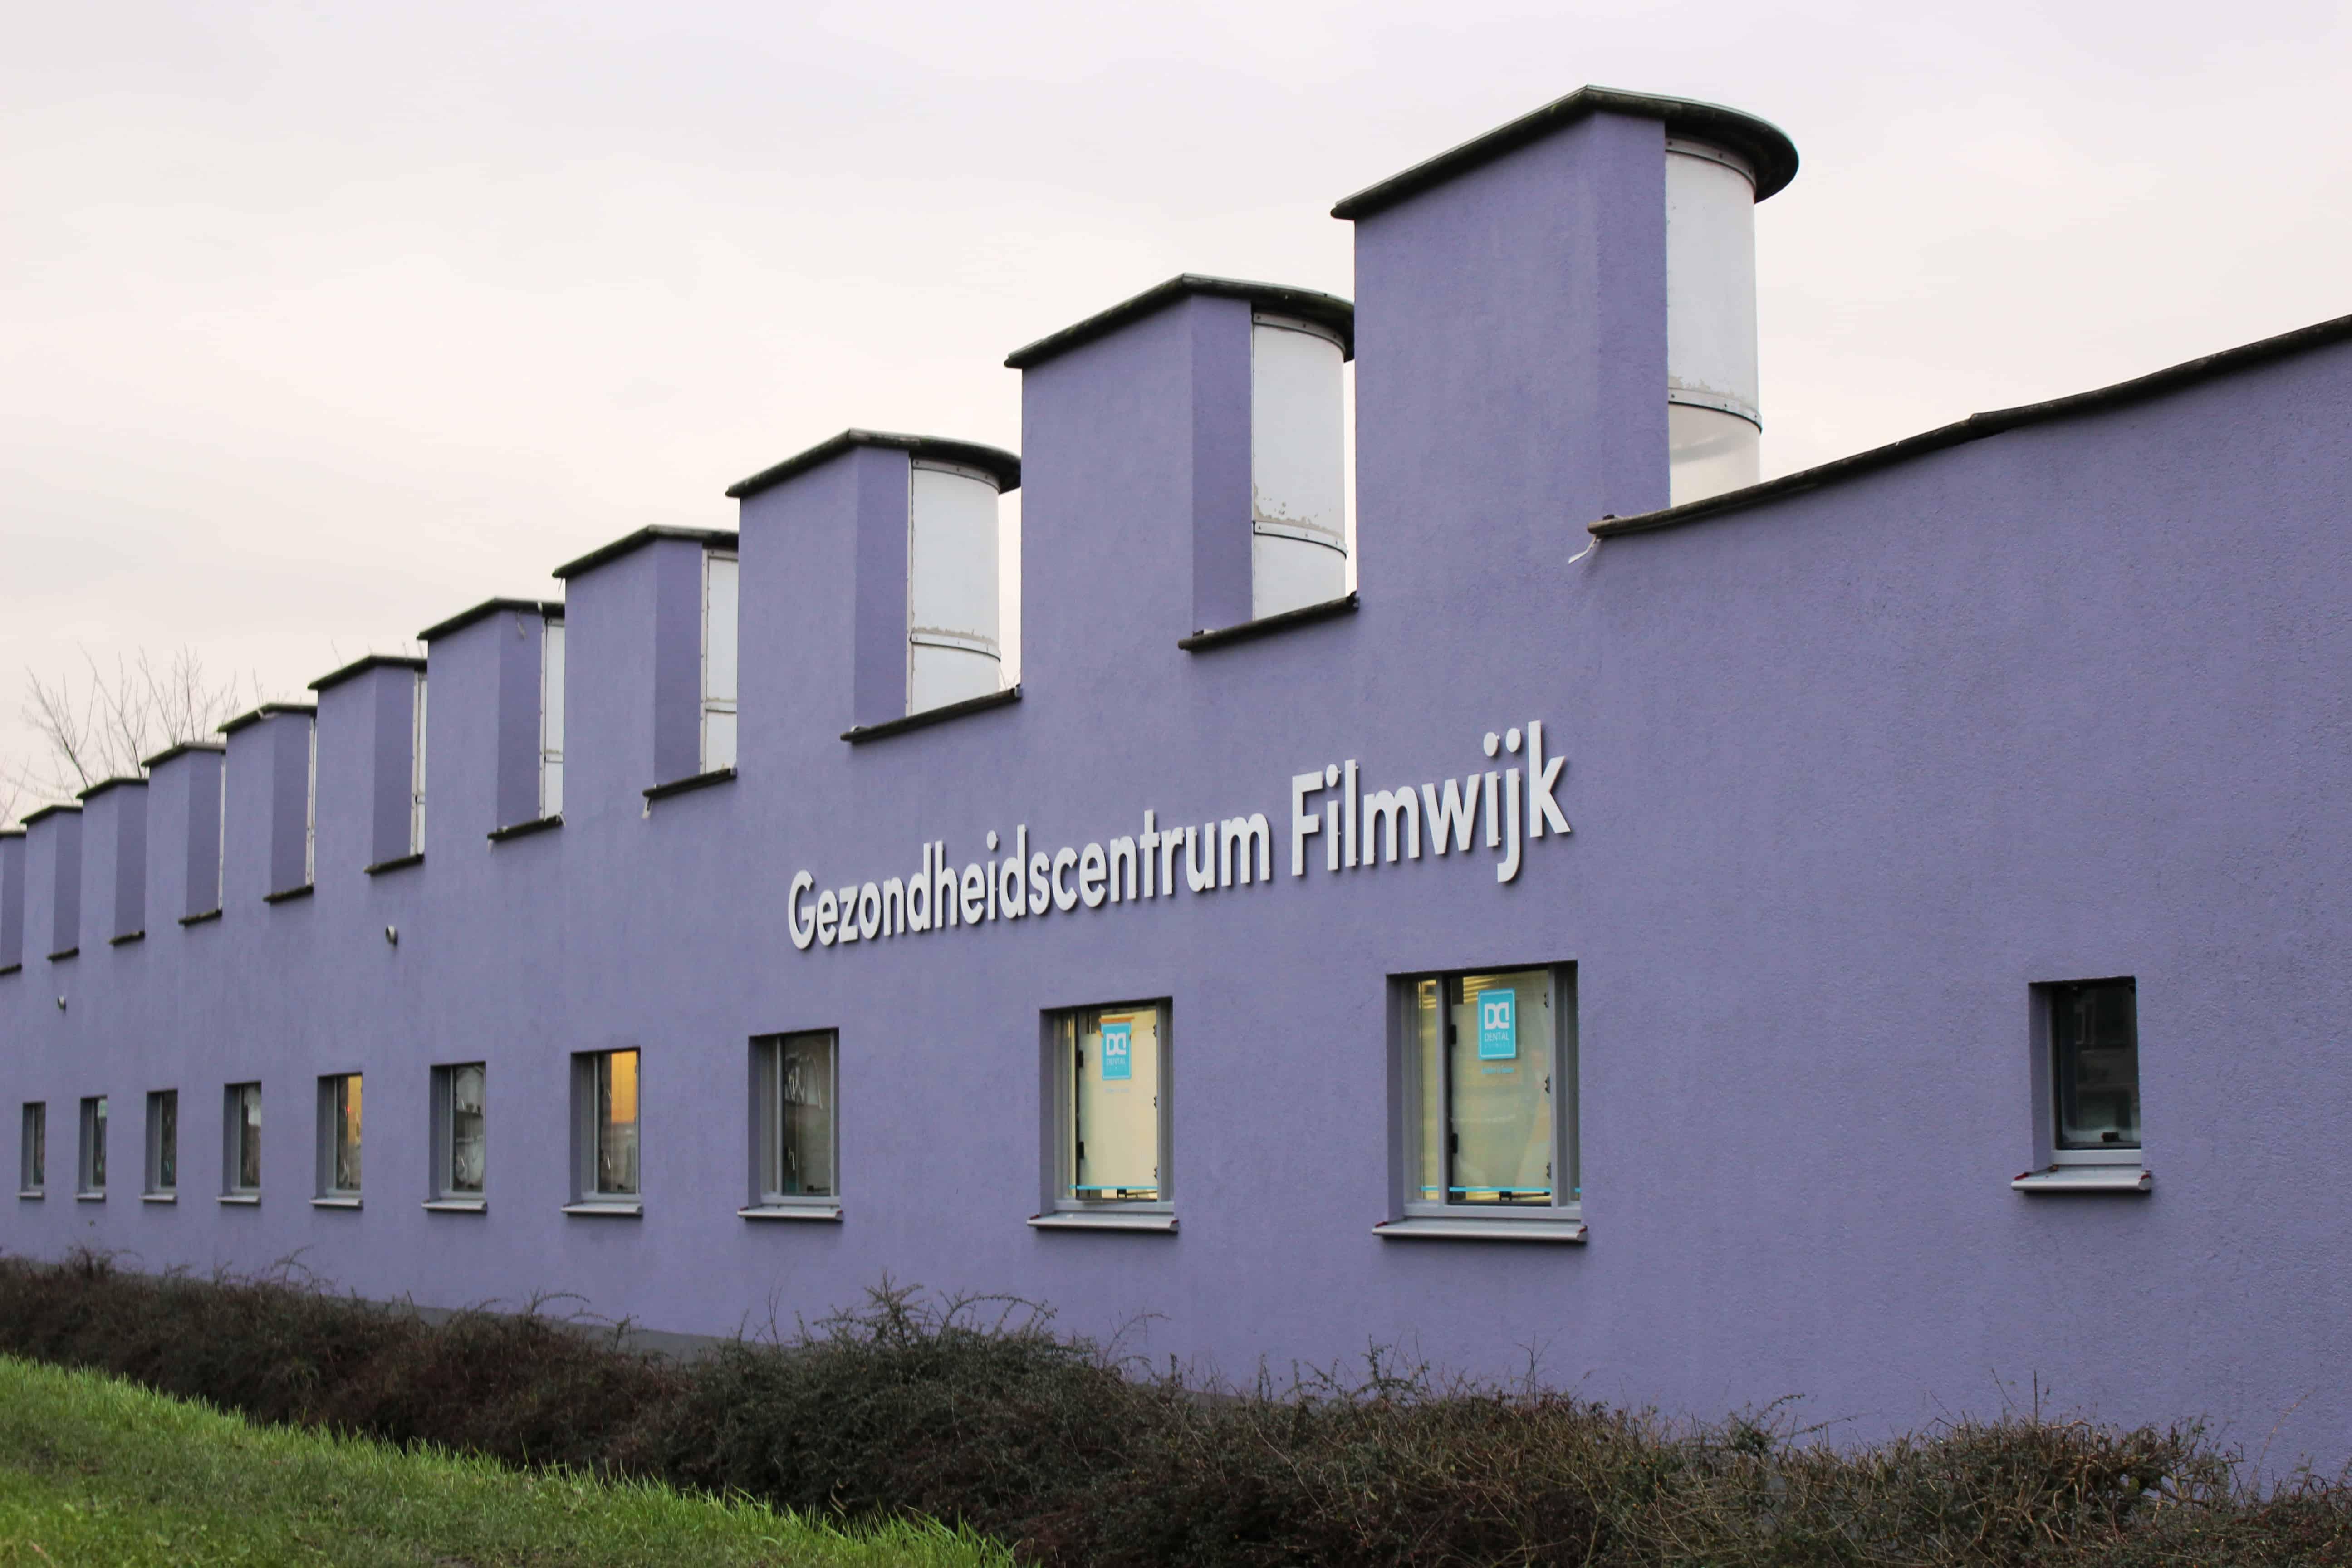 Pand Gezondheidscentrum Filmwijk